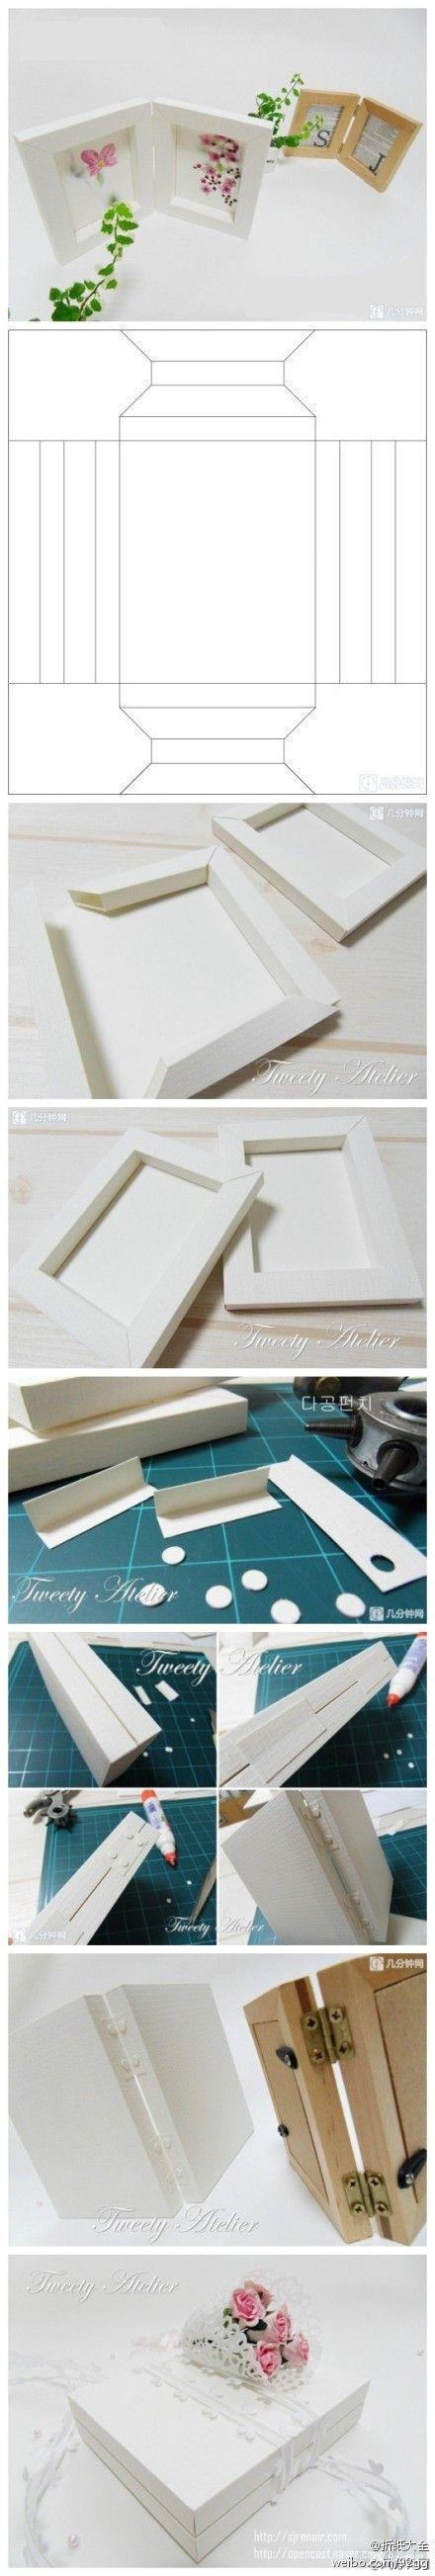 搜了个用纸做相框的教程,按图纸打印裁剪组装即可,分享一下~(几分钟网)